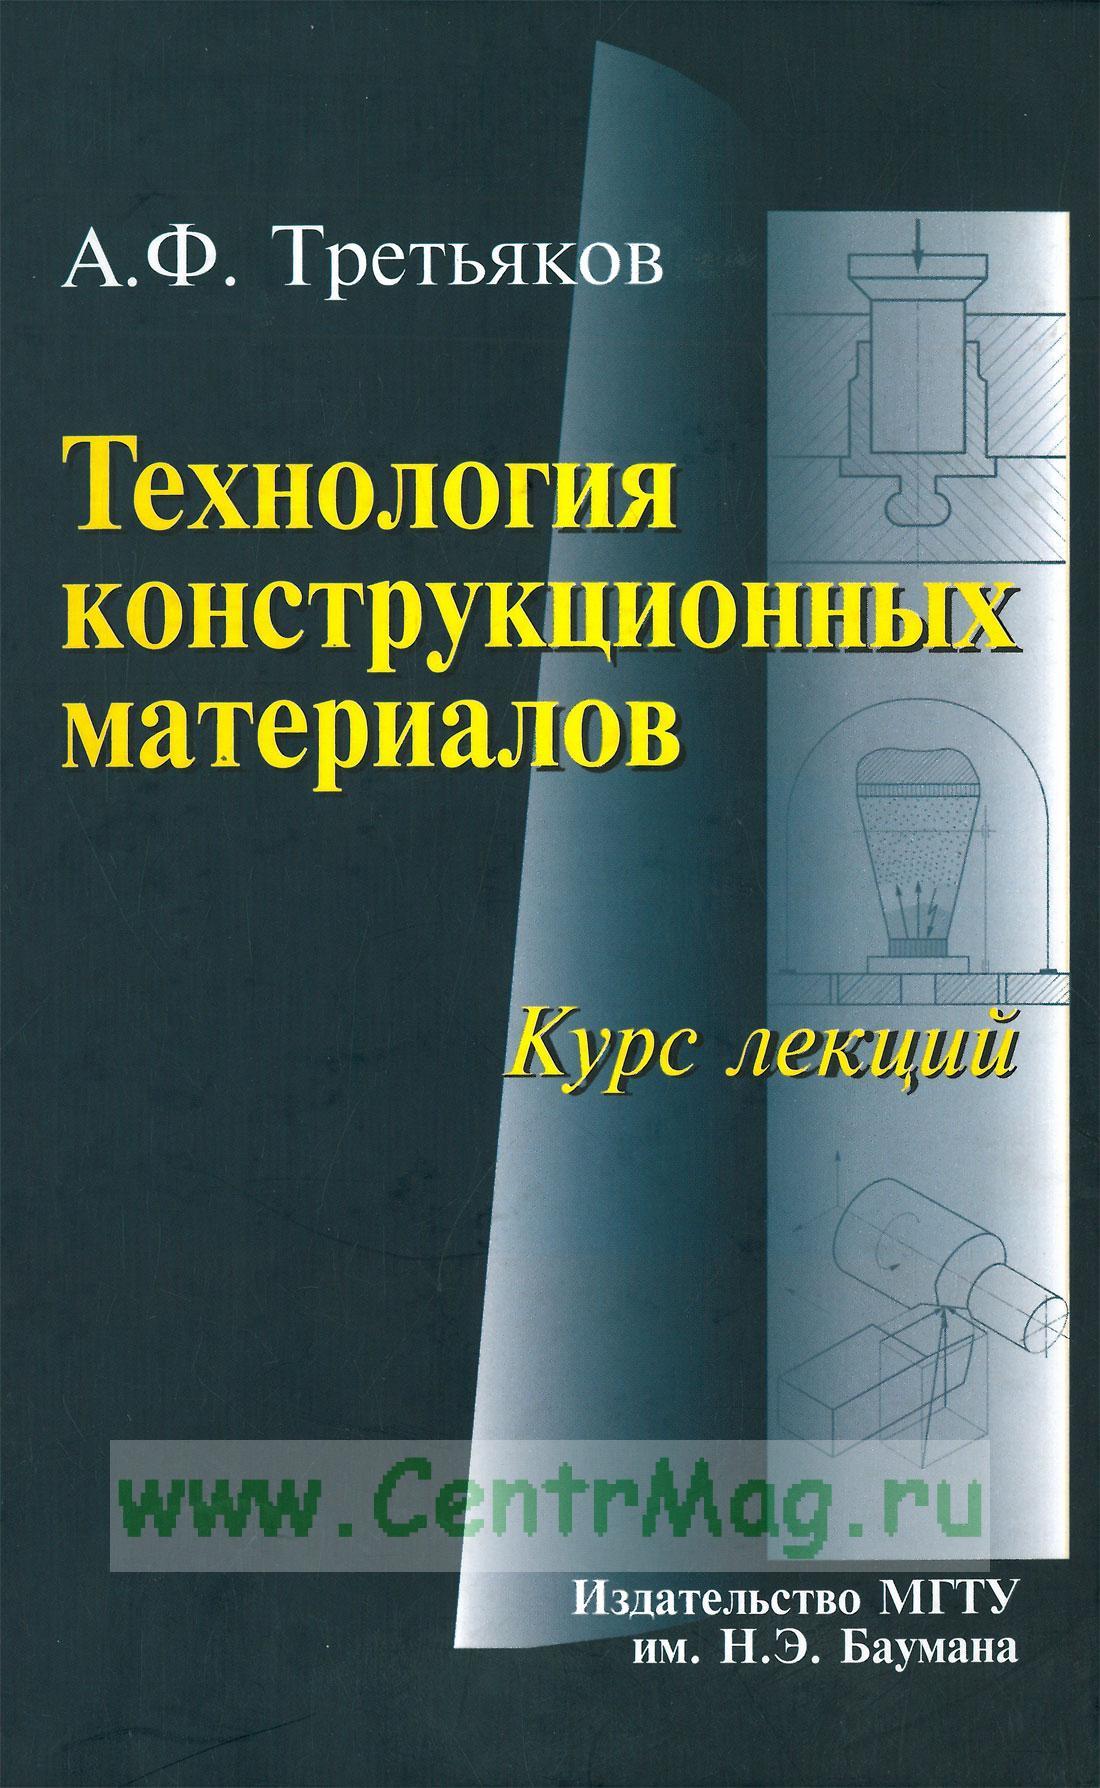 Технология конструкционных материалов. Курс лекций: учебное пособие + CD